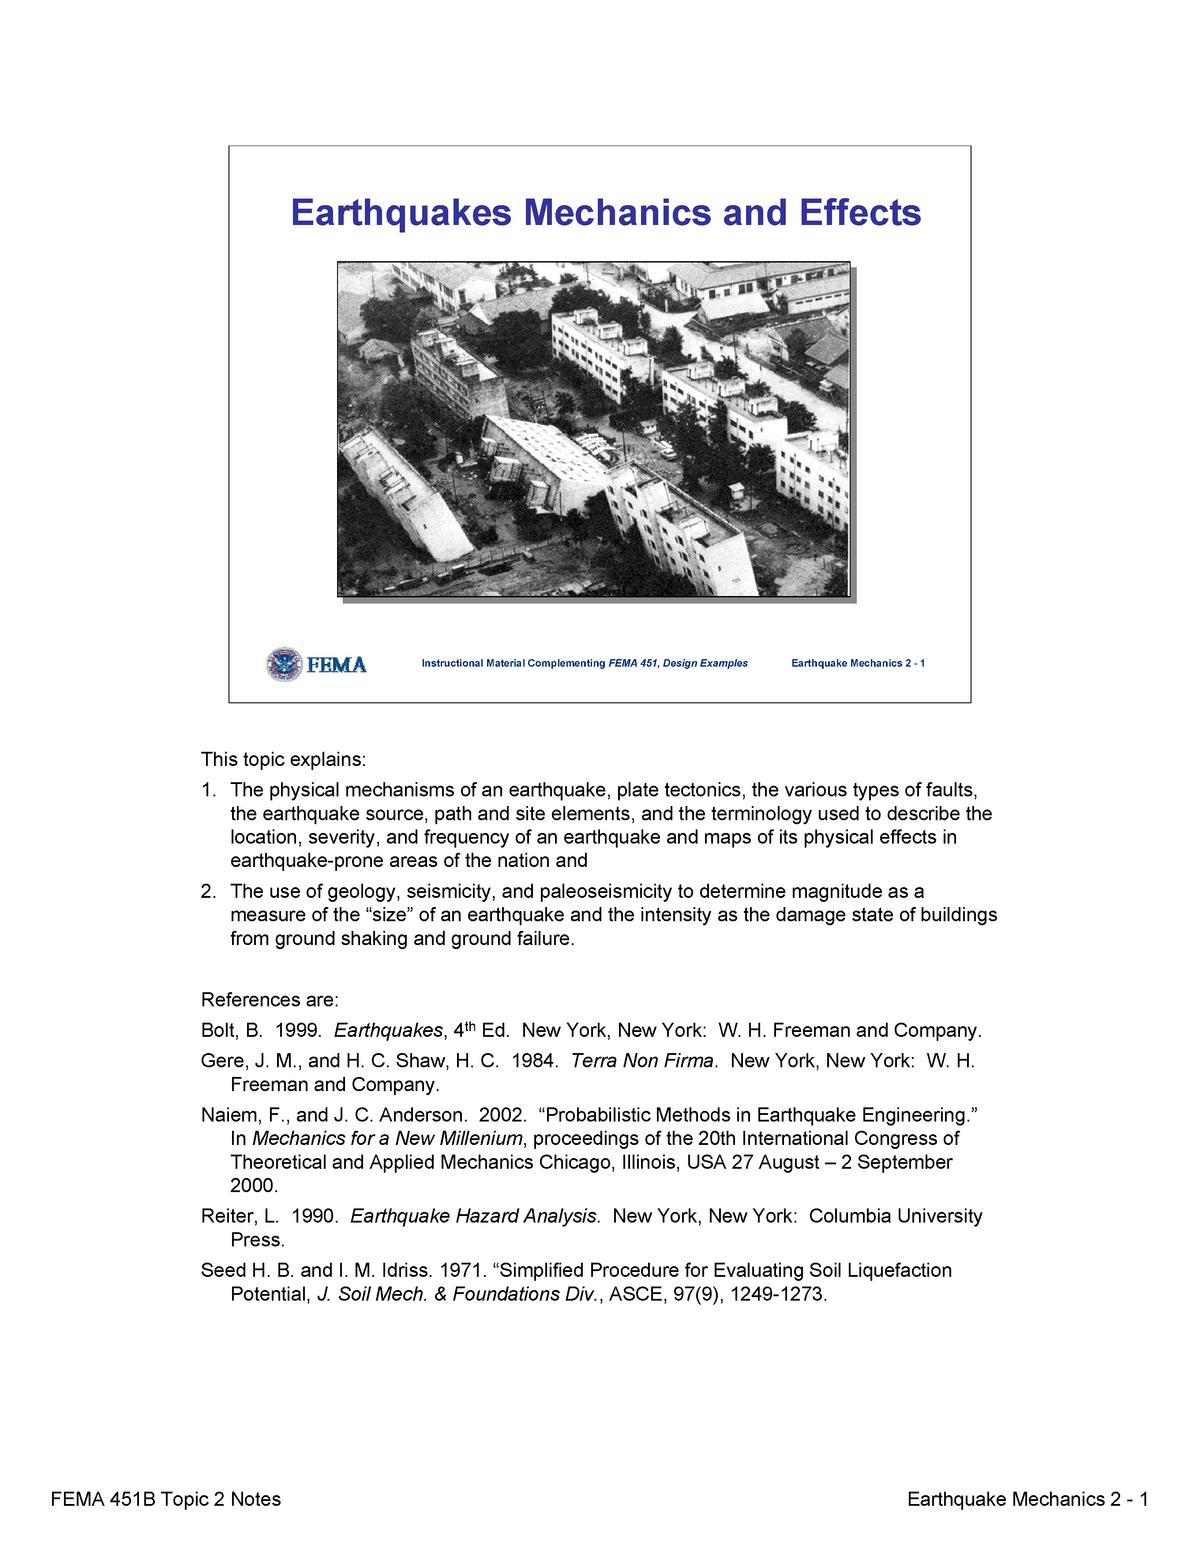 Topic 02 Earthquake Mechanicsand Effects Notes Civl 8119 Studocu